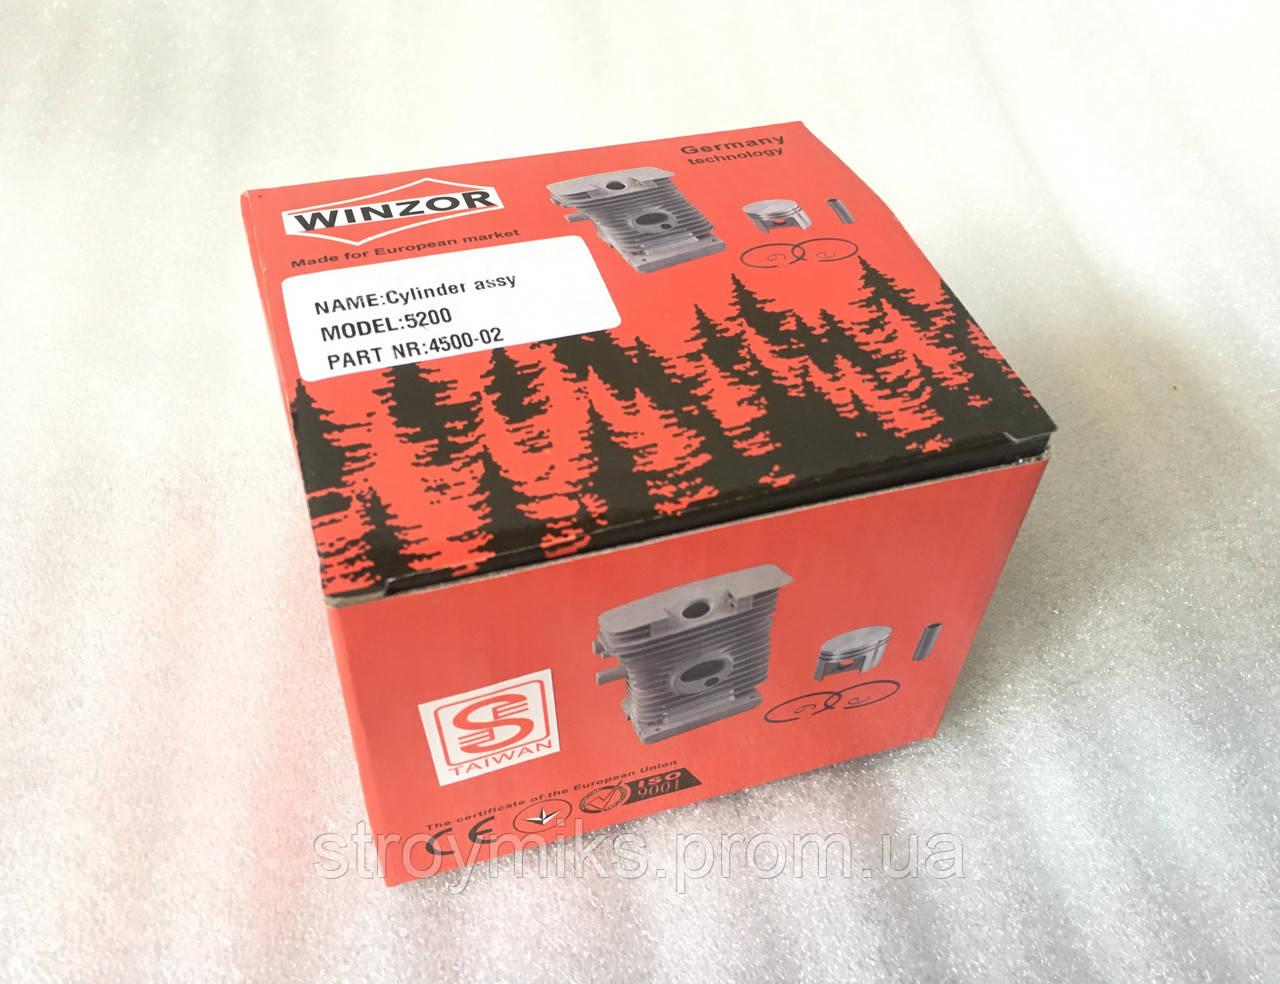 Поршневая группа  45 мм (Winzor-model 5200)GL 5200